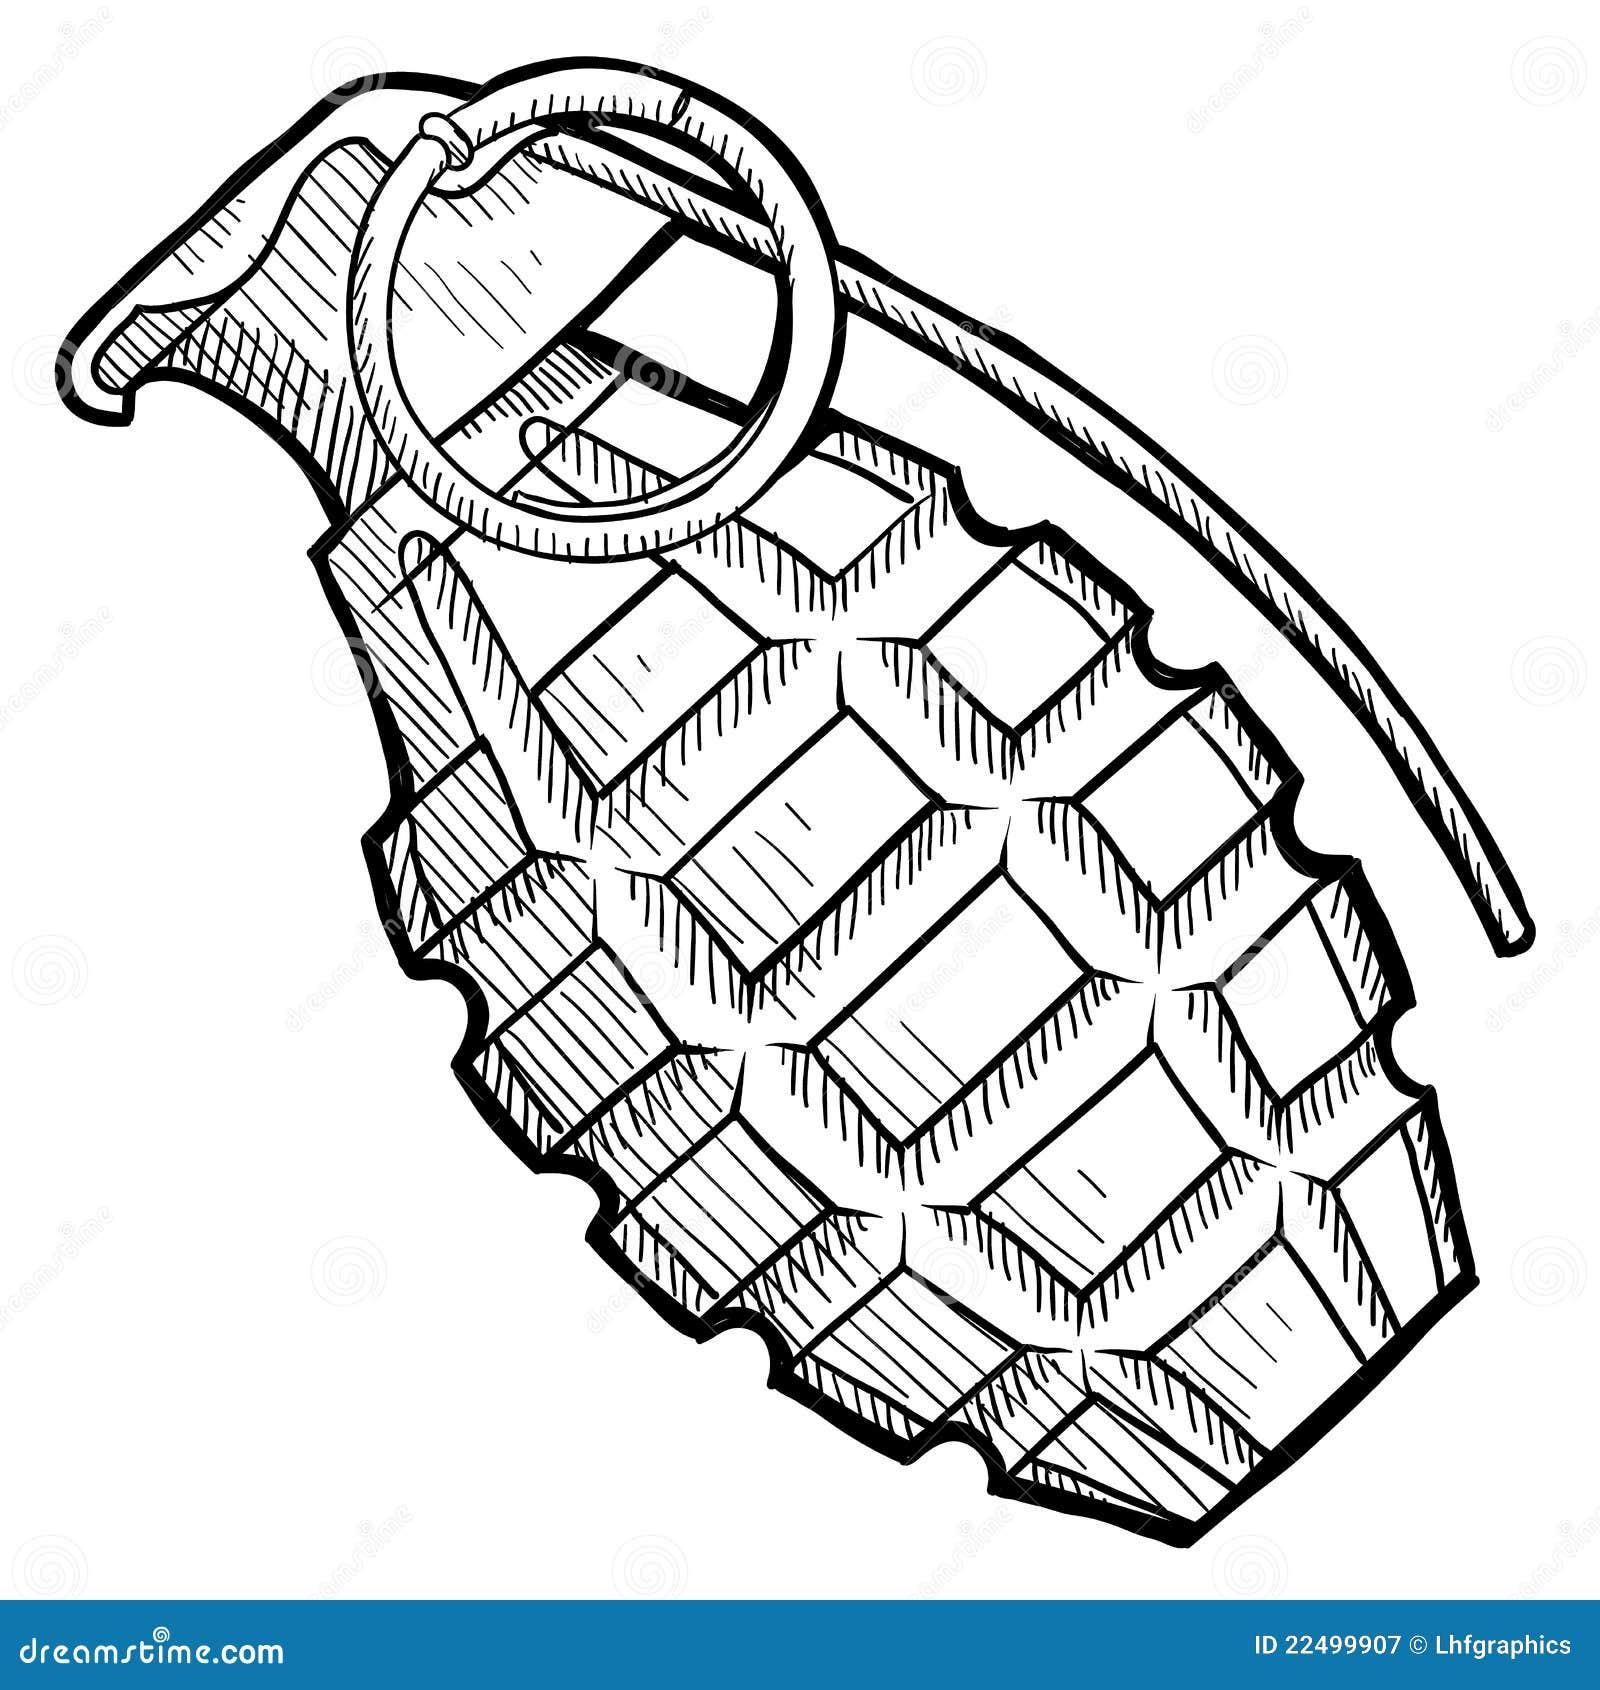 grenade clip art